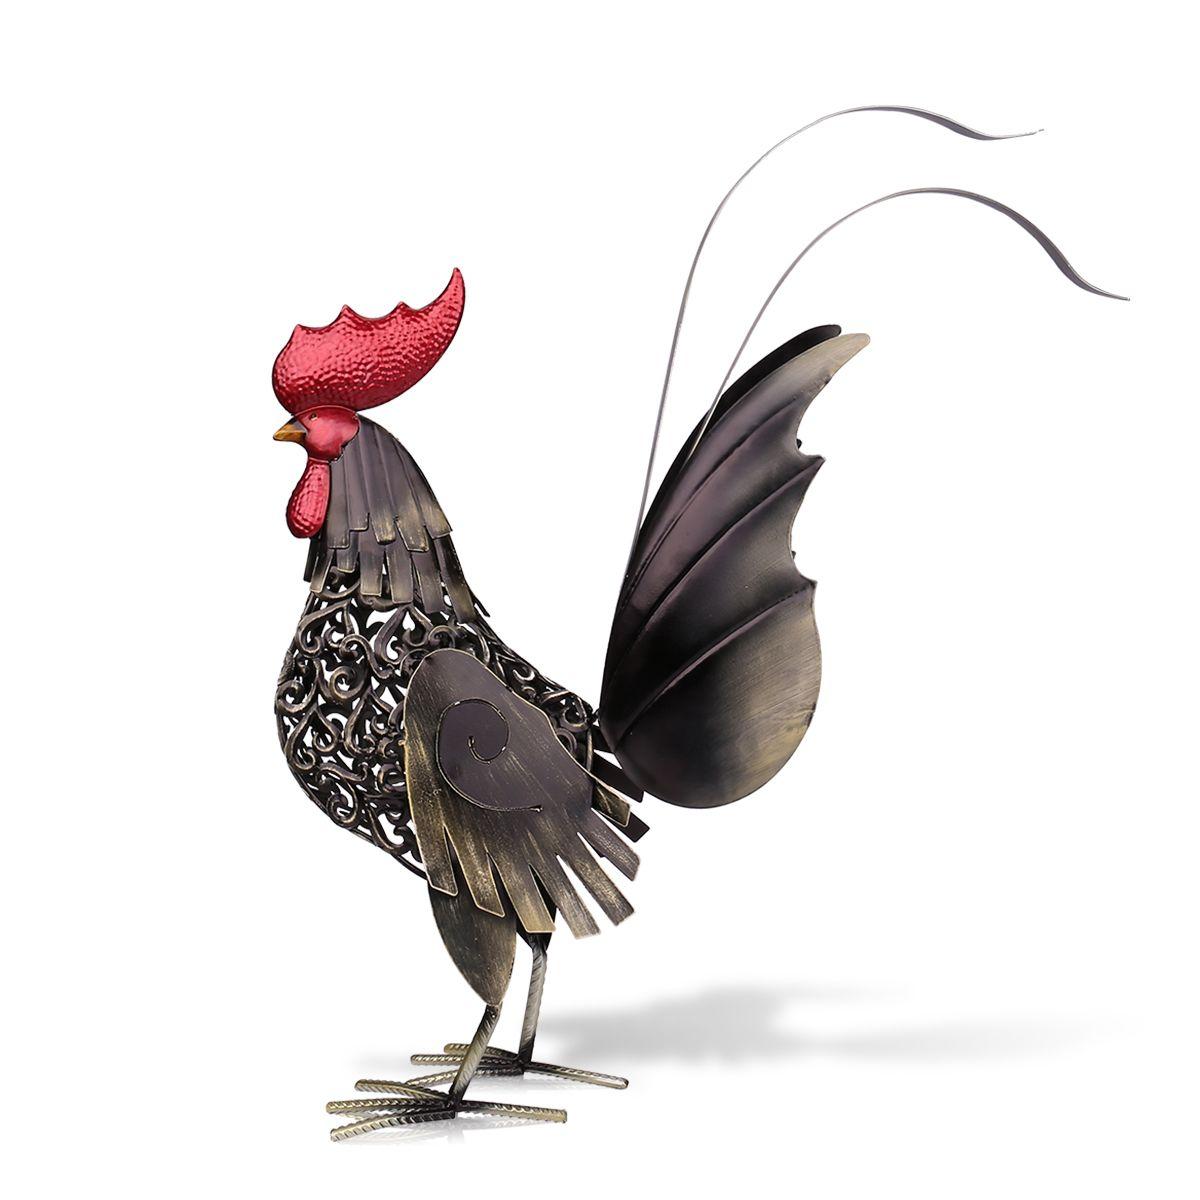 Tooarts Black iron rooster Metal escultura de hierro escultura Animal manualidades muebles para el hogar Artículos decoración de arte-in Estatuas y esculturas from Hogar y Mascotas    1